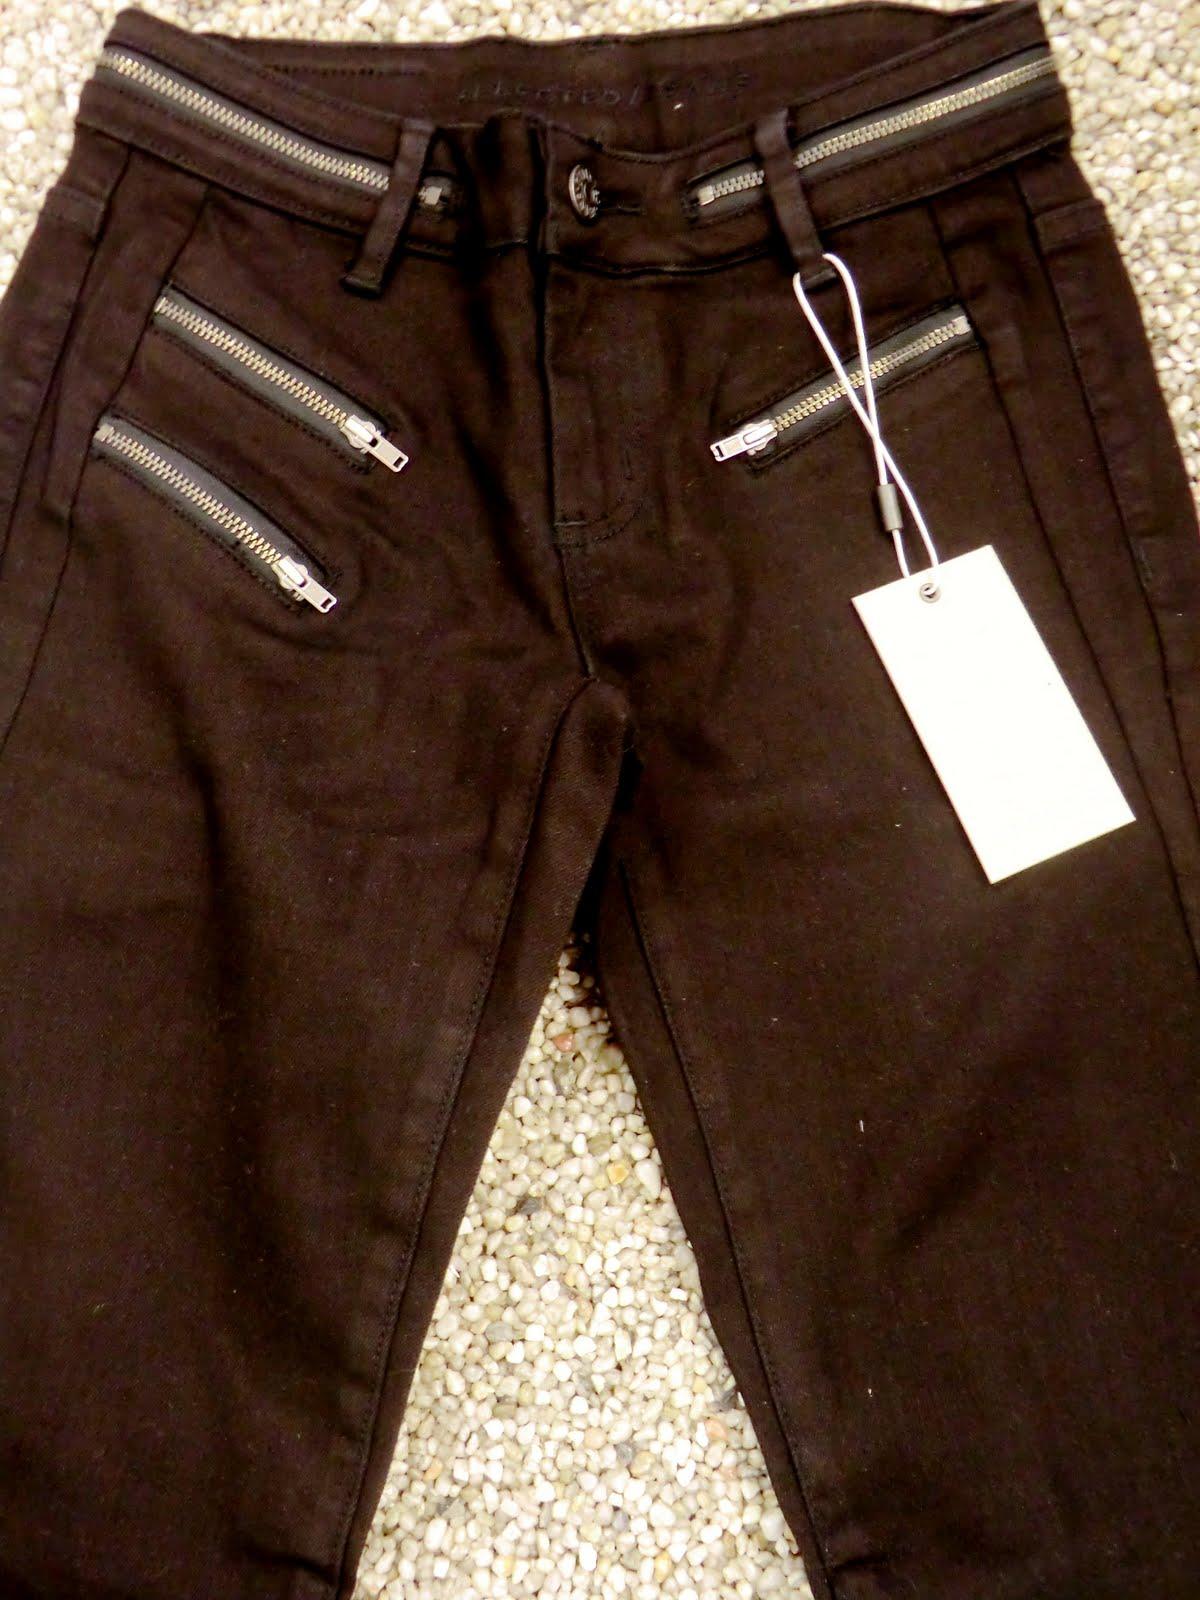 Matcha detta linne med våra nya svarta jeans från SELECTED FEMME 599.95 -  som är ny uppackade för dagen! Skinny fit med en hög midja och härligt skön  ... d68de58c66ed4